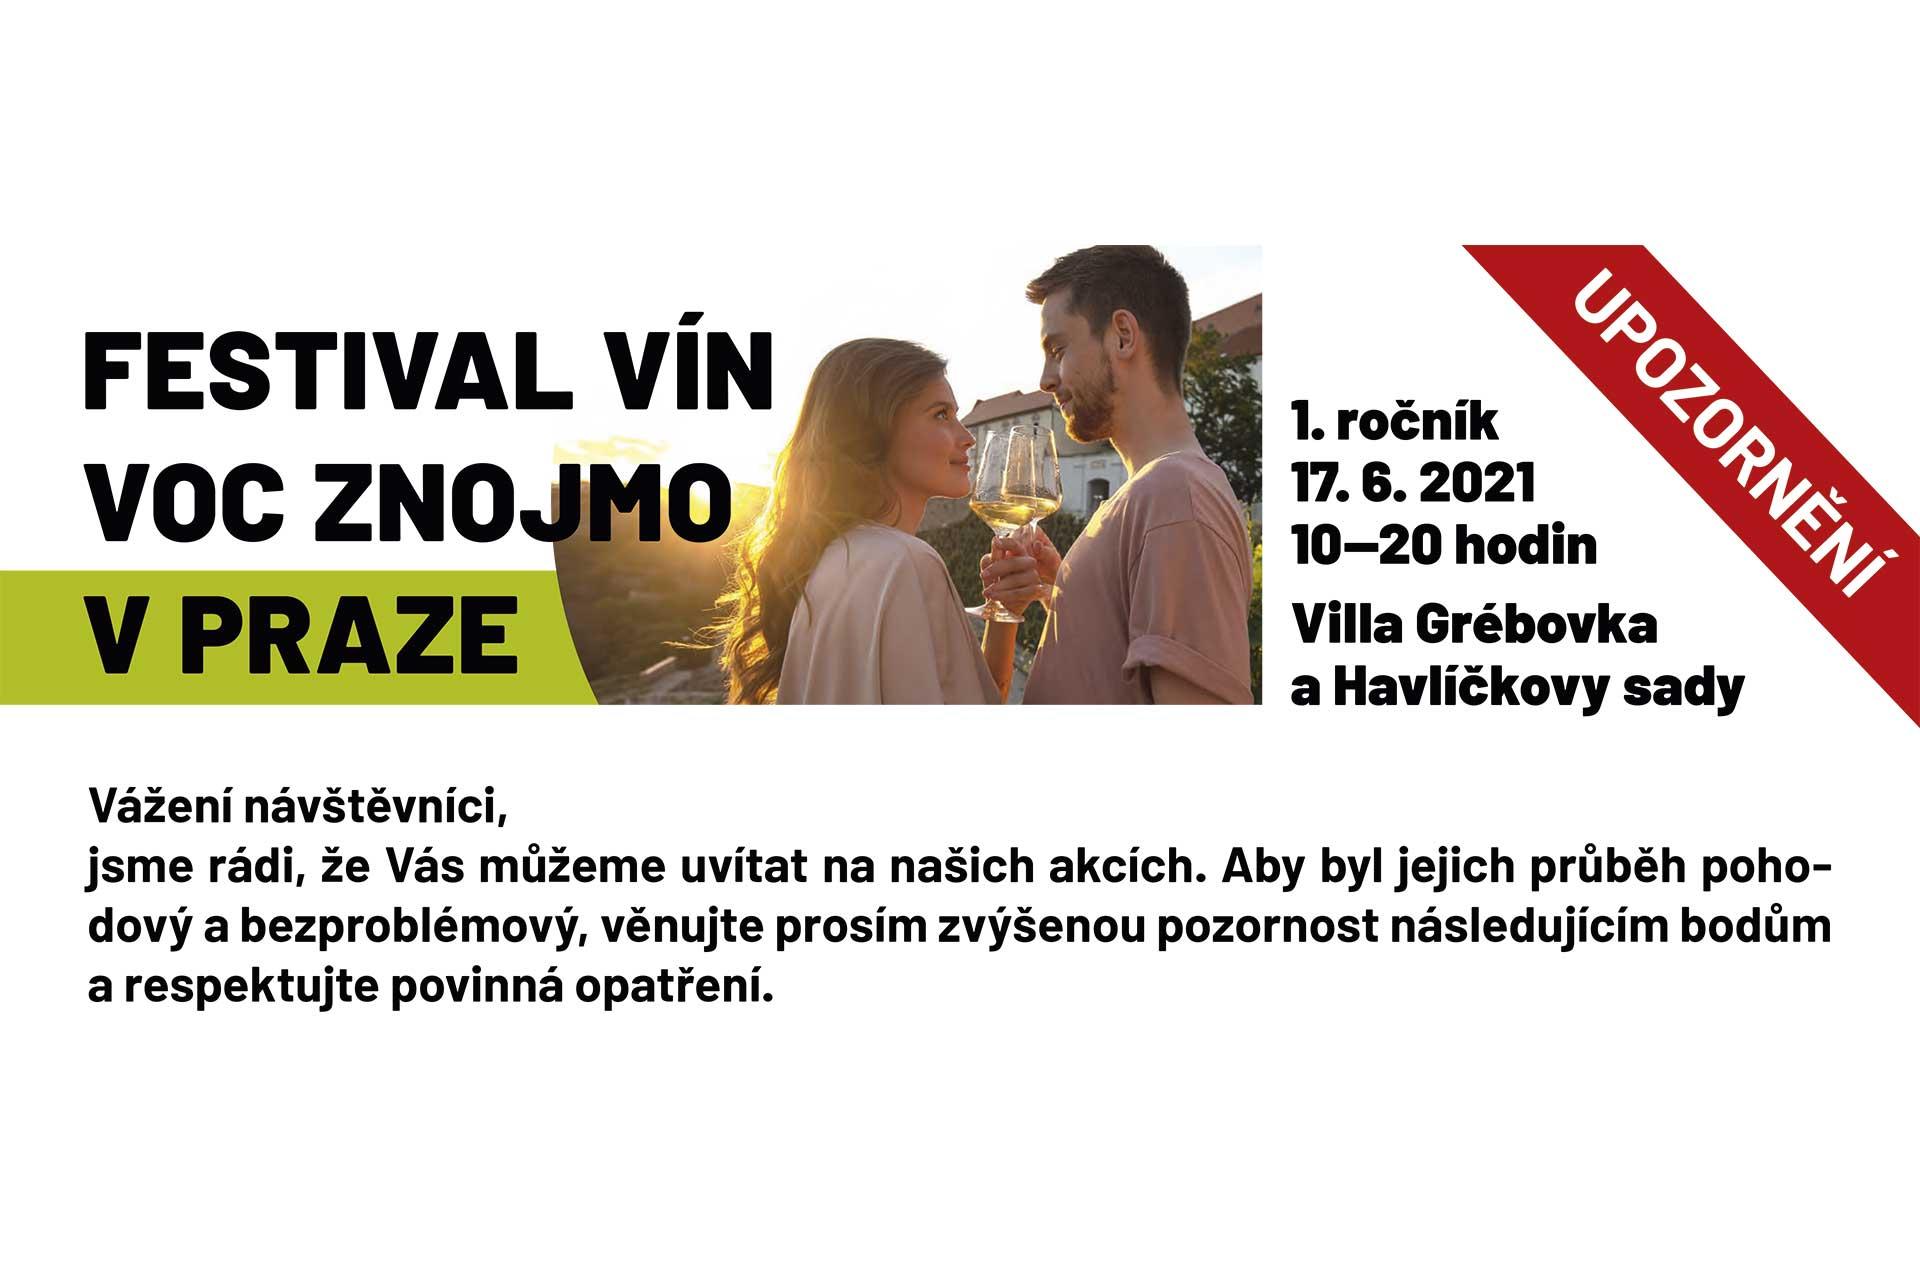 Informace před akcí – festival vín VOC Znojmo 2021